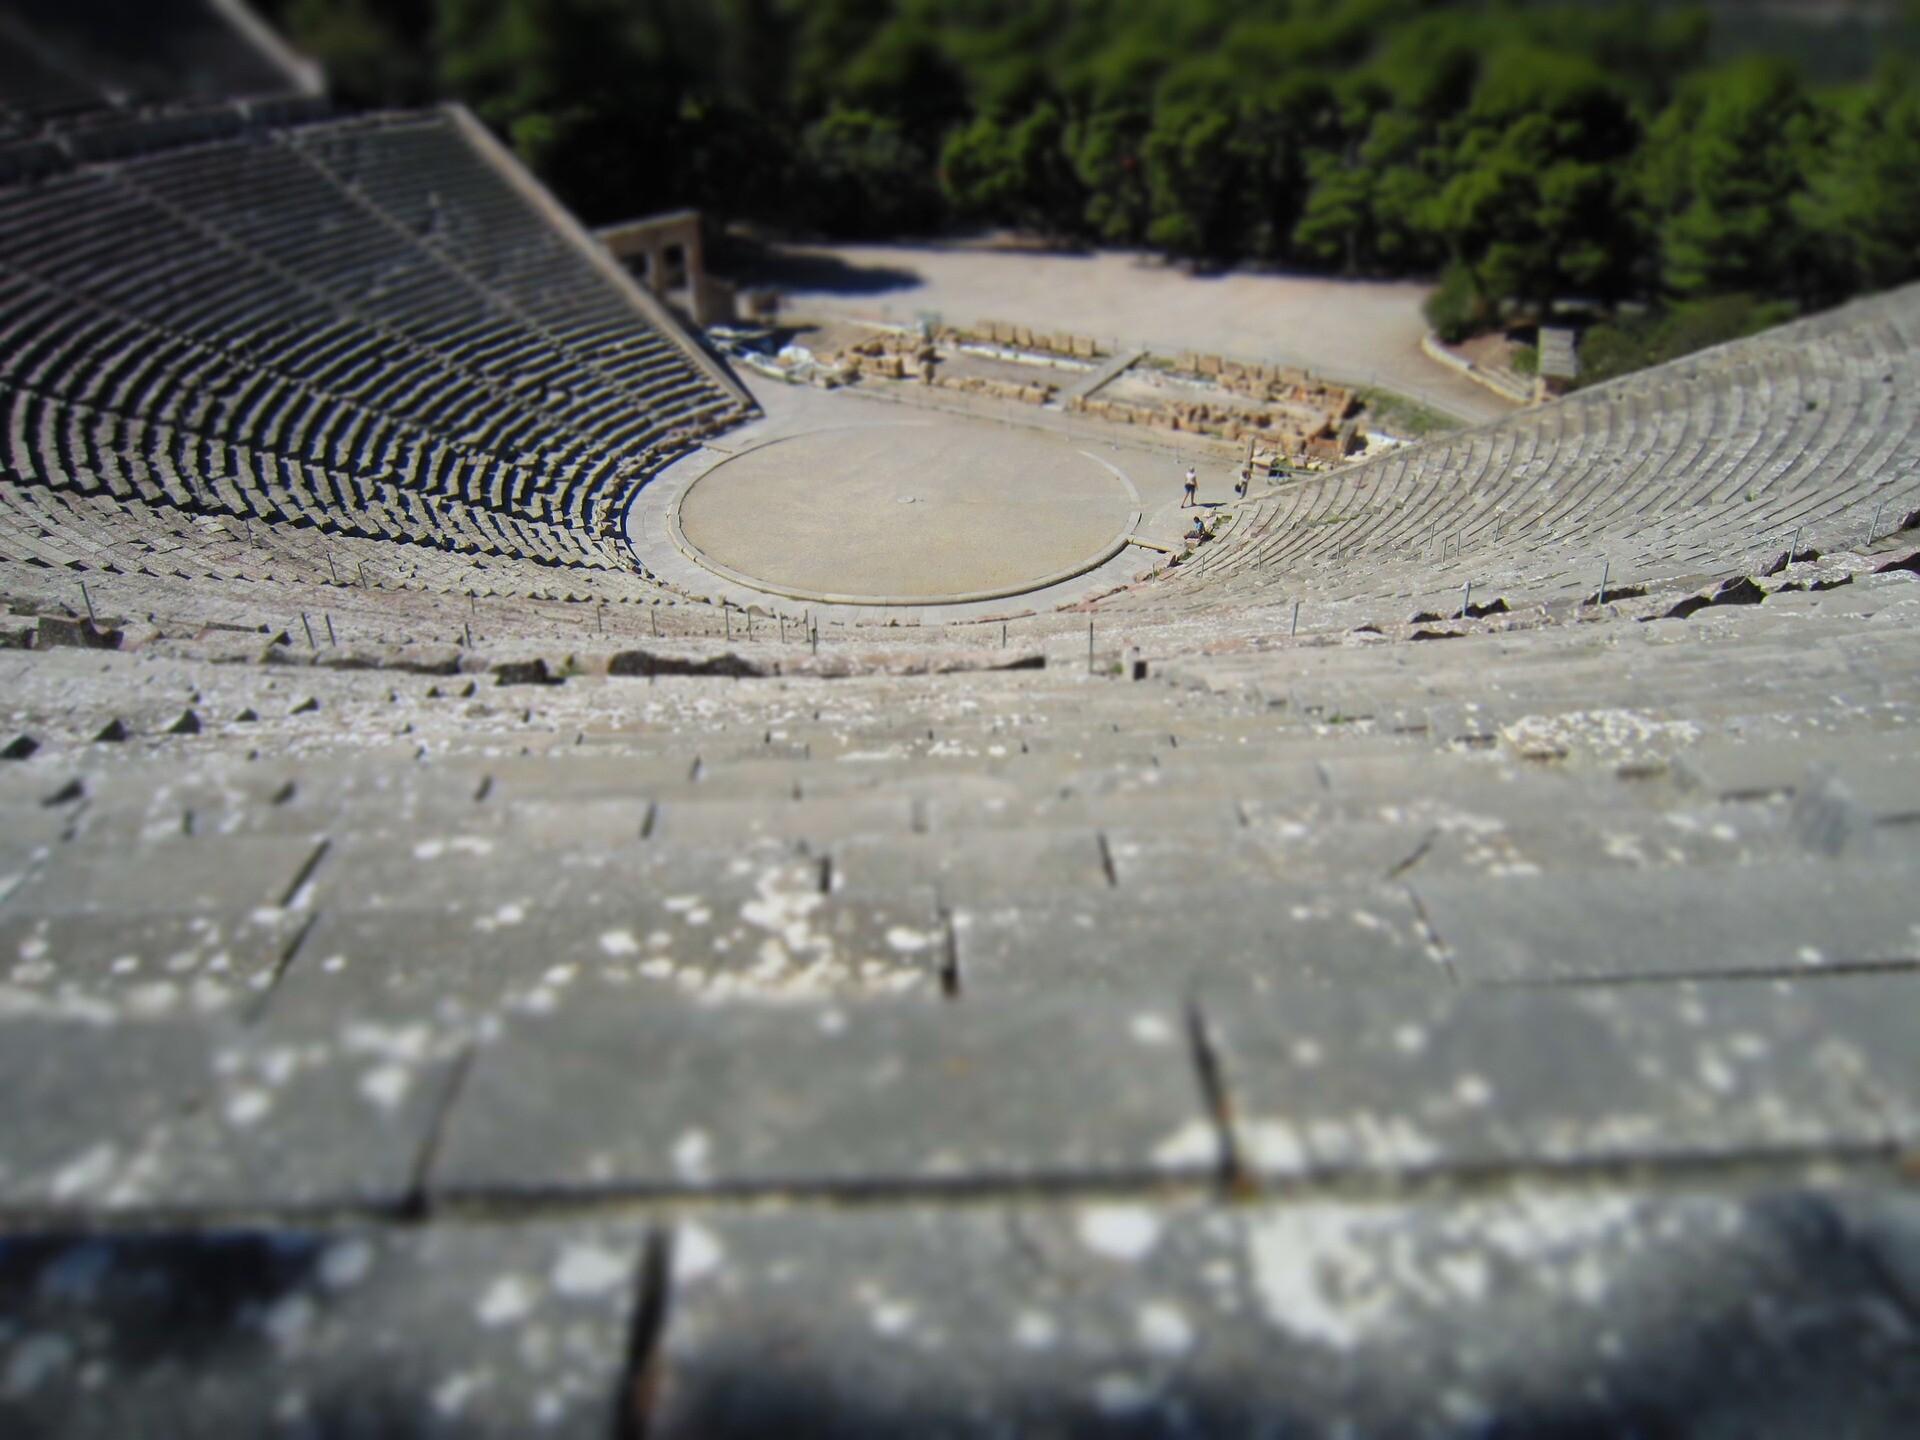 Viajes de un día desde Atenas - Lugares que visitar y excursiones alrededor de Atenas